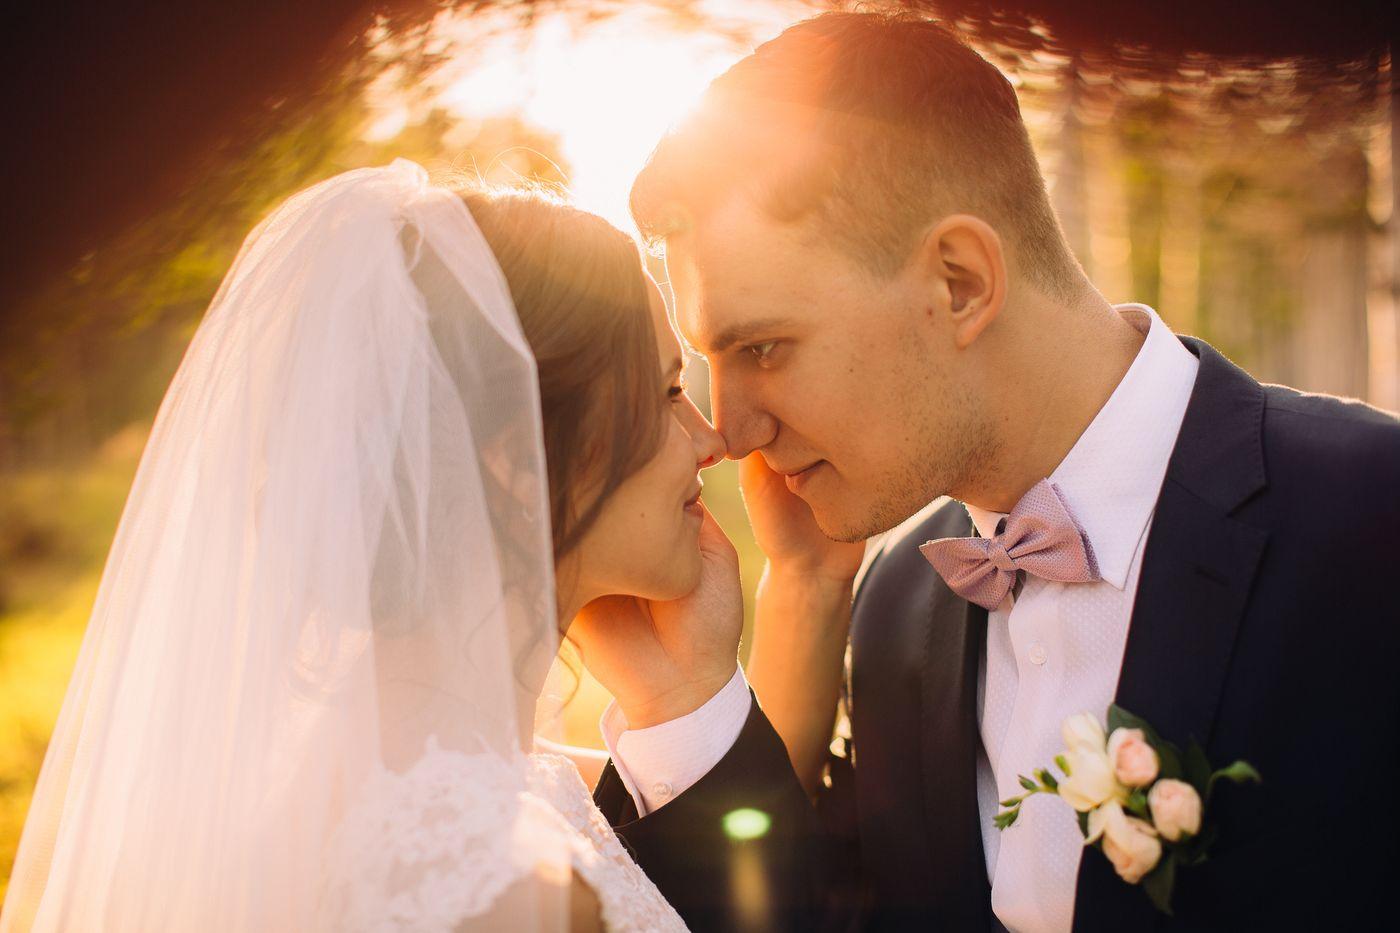 wed-2014-09-20-0430_s